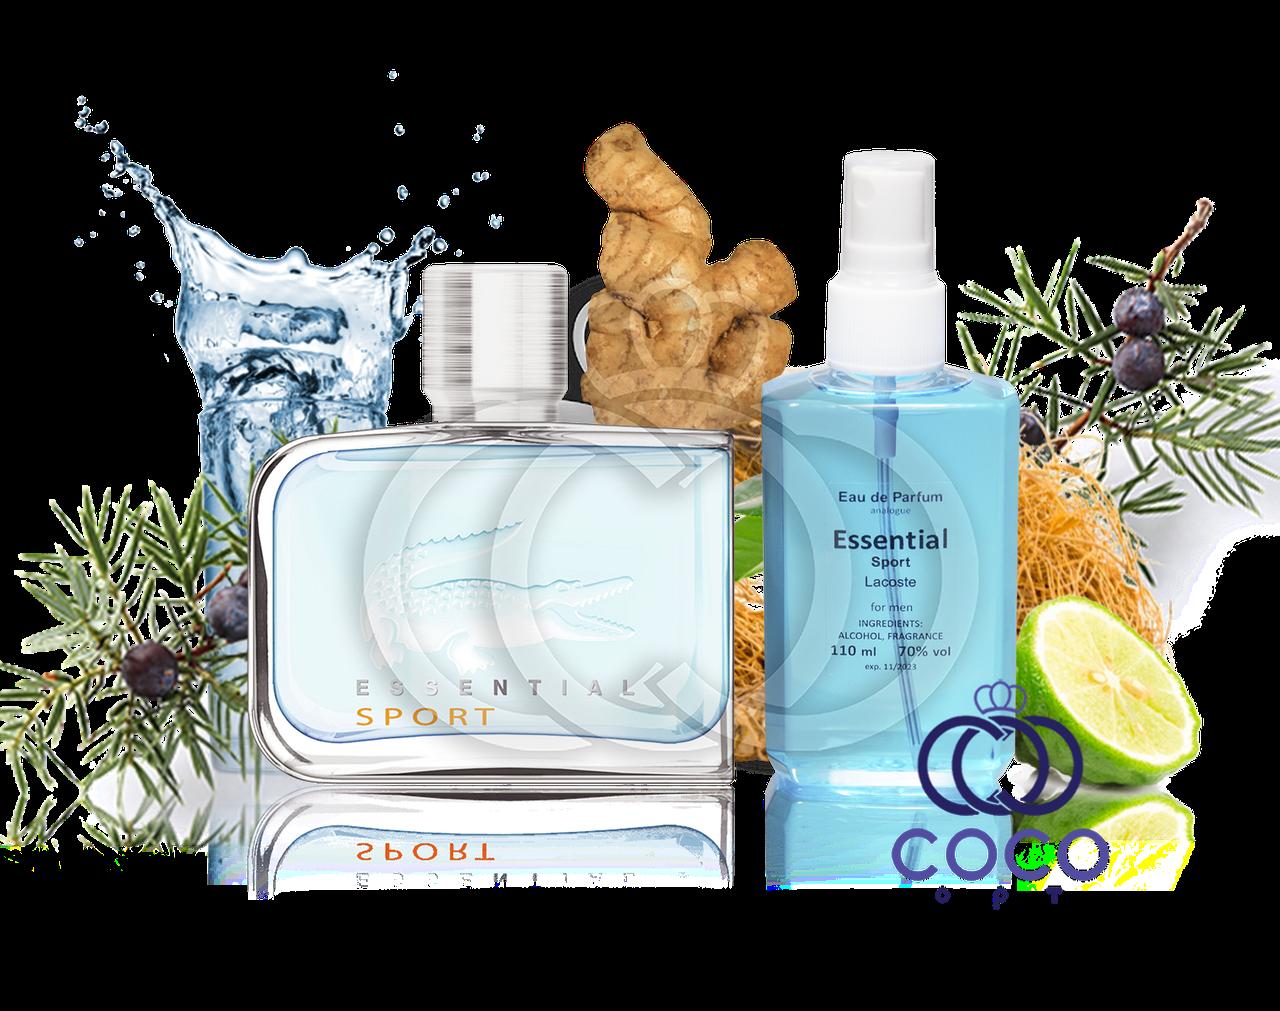 Мужская парфюмированная вода Lacoste Essential Sport 110 Ml ОАЭ в пластиковой бутылке